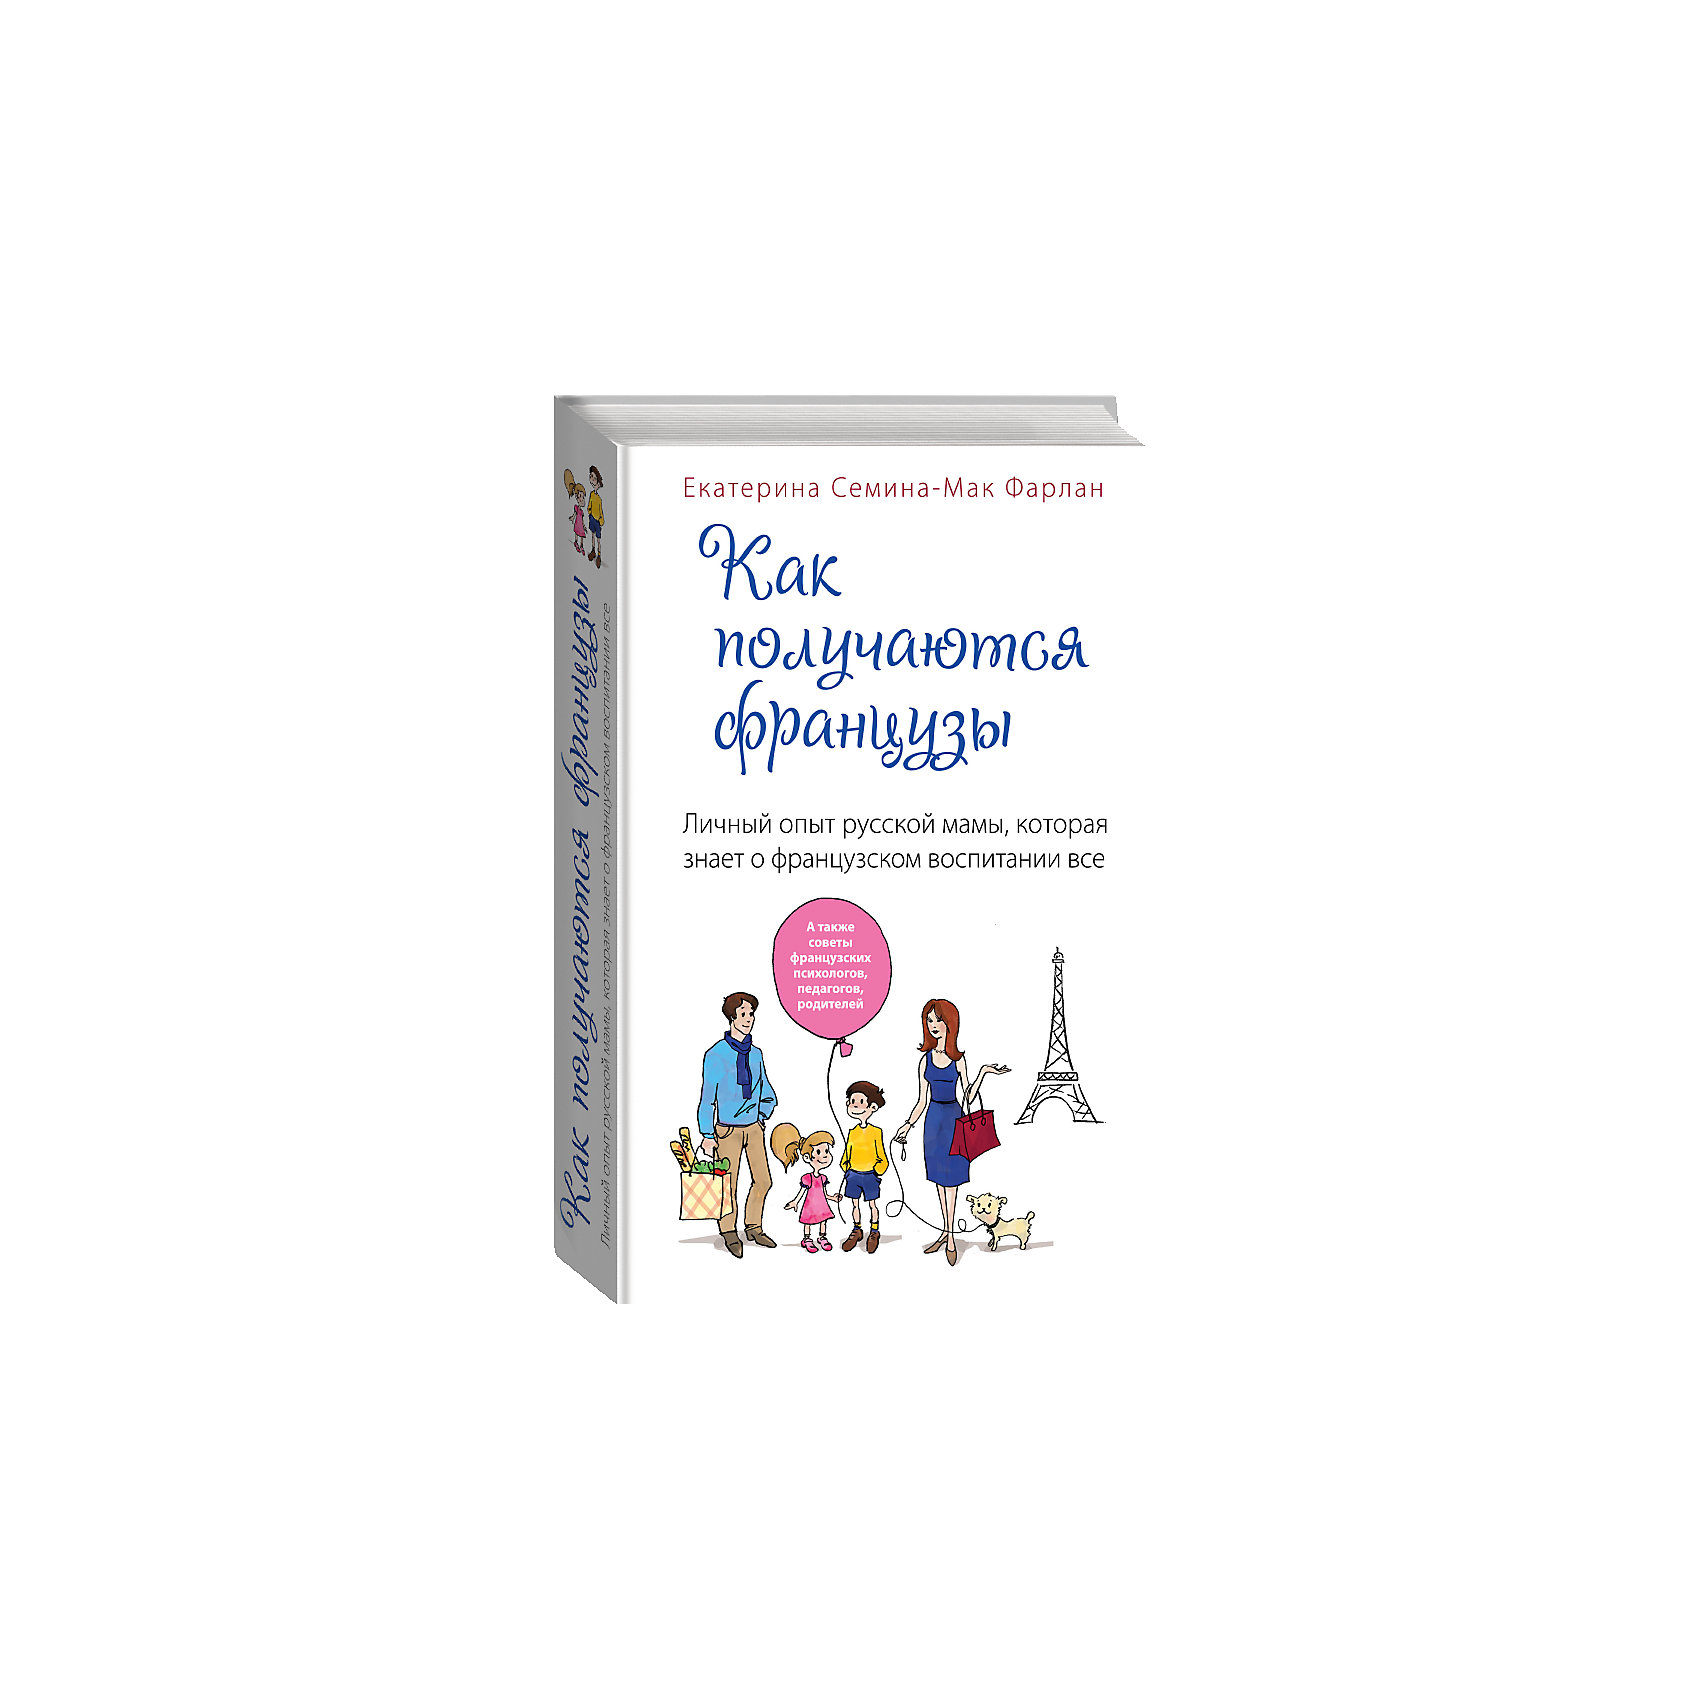 Личный опыт русской мамы Как получаются французыДетская психология и здоровье<br>Французская система воспитания сегодня очень популярна, в частности, благодаря книгам американских мам, которые использовали европейский опыт. Родители хотят знать, как французские родителя, не забывая о себе, легко и непринужденно, воспитывают прекрасных и спокойных малышей. Наконец-то мы можем познакомиться с опытом нашей соотечественницы, которая применила французские методики к своим детям. Книга Екатерины Семиной-Мак Фарлан – это не только увлекательный рассказ о воспитании двух дочерей вместе с мужем-французом, но и серьезное исследование, основанное на мнении известных французских психологов, педагогов, родителей о том, как надо и не надо обращаться с детьми. Кроме того, вы найдете здесь интереснейший и во многом неожиданный обзор разных сфер жизни в, казалось бы, хорошо знакомой нам стране. Книгу отличает редкое сочетание легкого, прекрасно написанного текста и практической пользы: каждая глава завершается четкими и эффективными советами о том, что надо делать, чтобы даже самый трудный ребенок стал «настоящим французом» - идеально воспитанным, гармонично развитым, социально адаптированным, успешным и счастливым человеком.<br><br>Дополнительная информация:<br><br>- Автор: Семина-Мак Фарлан Екатерина.<br>- Формат: 21,7х14,5 см.<br>- Переплет: твердый.<br>- Количество страниц: 368. <br>- Иллюстрации: без иллюстраций.<br><br>Книгу Как получаются французы. Личный опыт русской мамы, которая знает о французском воспитании все  можно купить в нашем магазине.<br><br>Ширина мм: 212<br>Глубина мм: 138<br>Высота мм: 29<br>Вес г: 688<br>Возраст от месяцев: 192<br>Возраст до месяцев: 1188<br>Пол: Унисекс<br>Возраст: Детский<br>SKU: 4414969